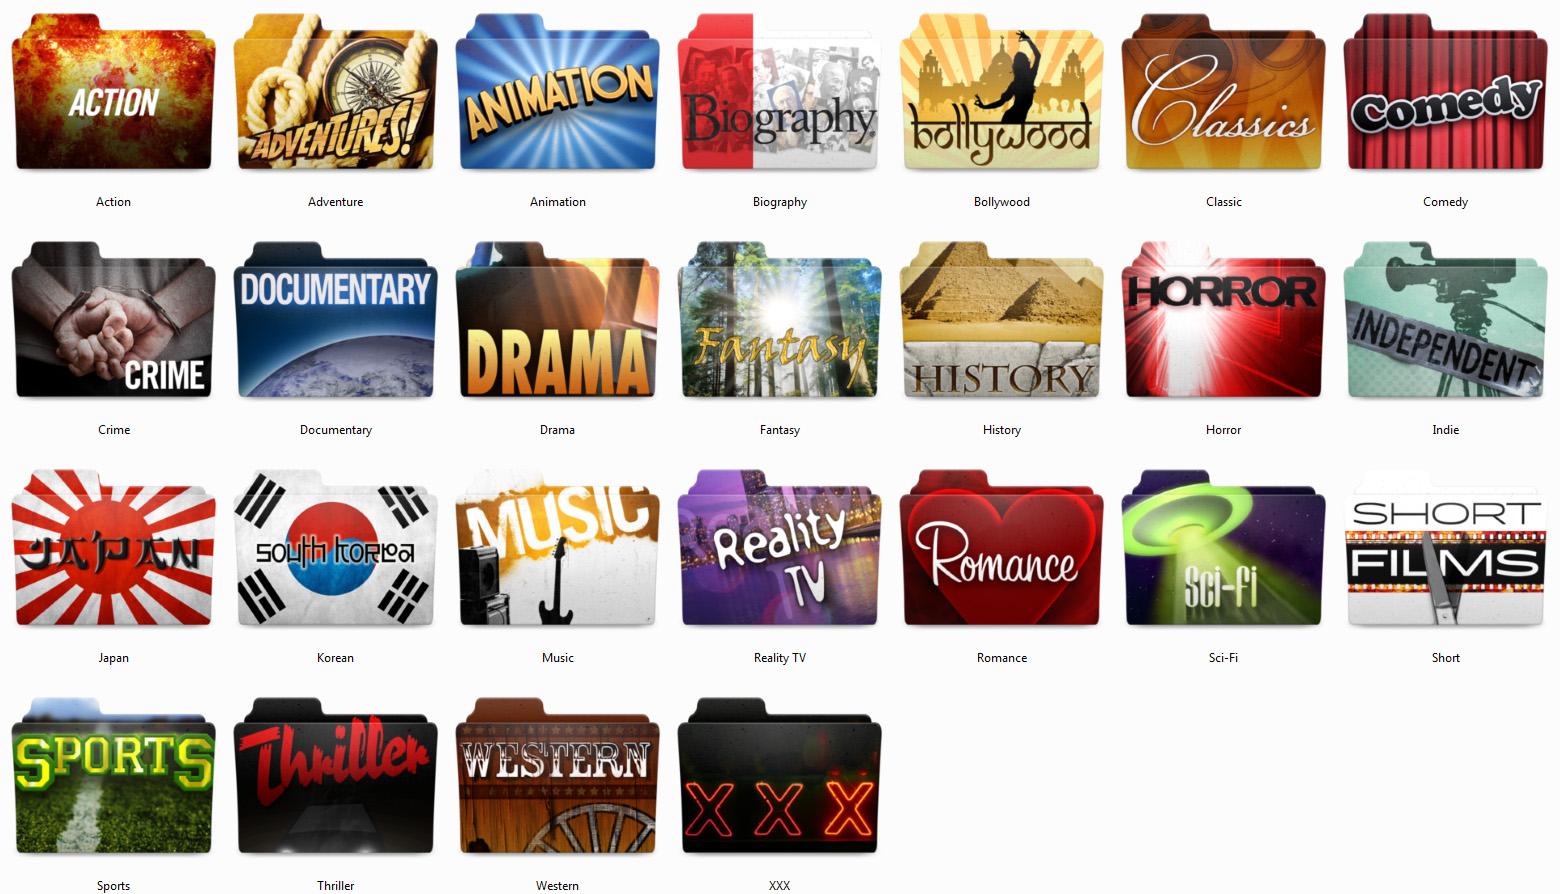 Movie genre